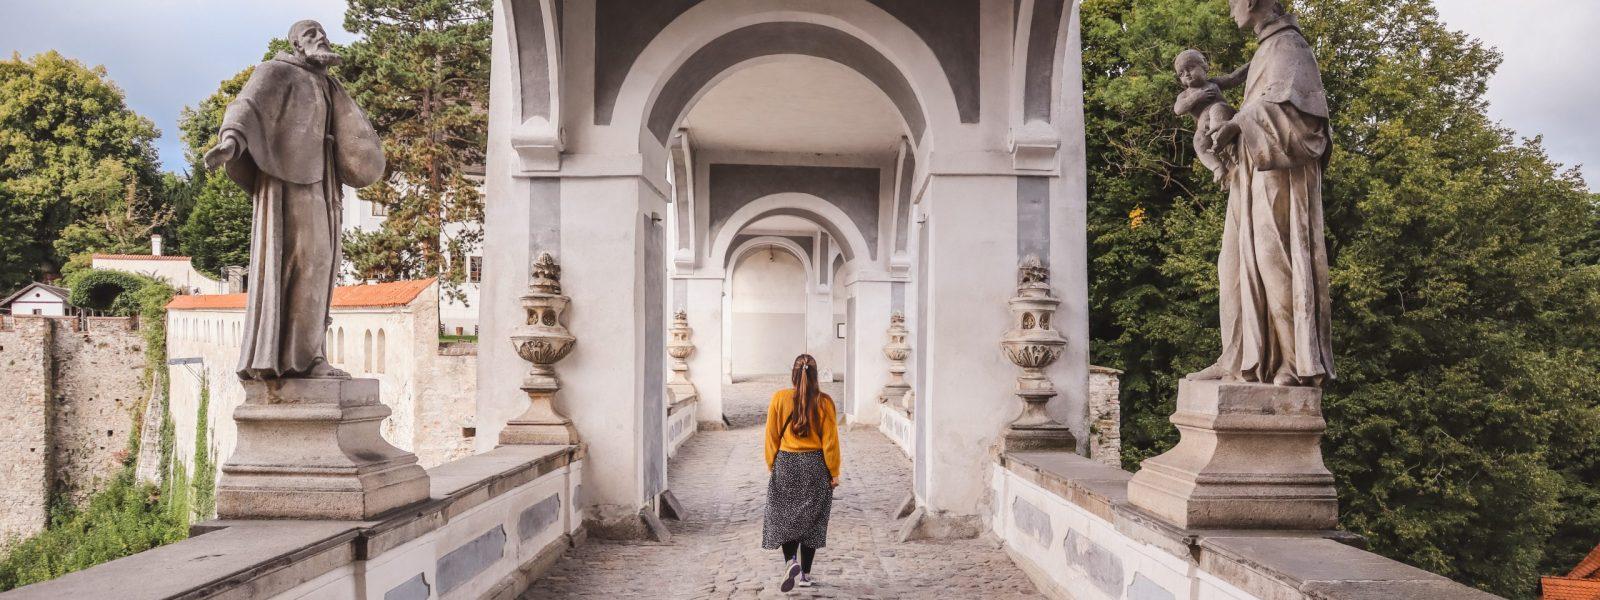 Bezoek de Cloak Bridge van Český Krumlov